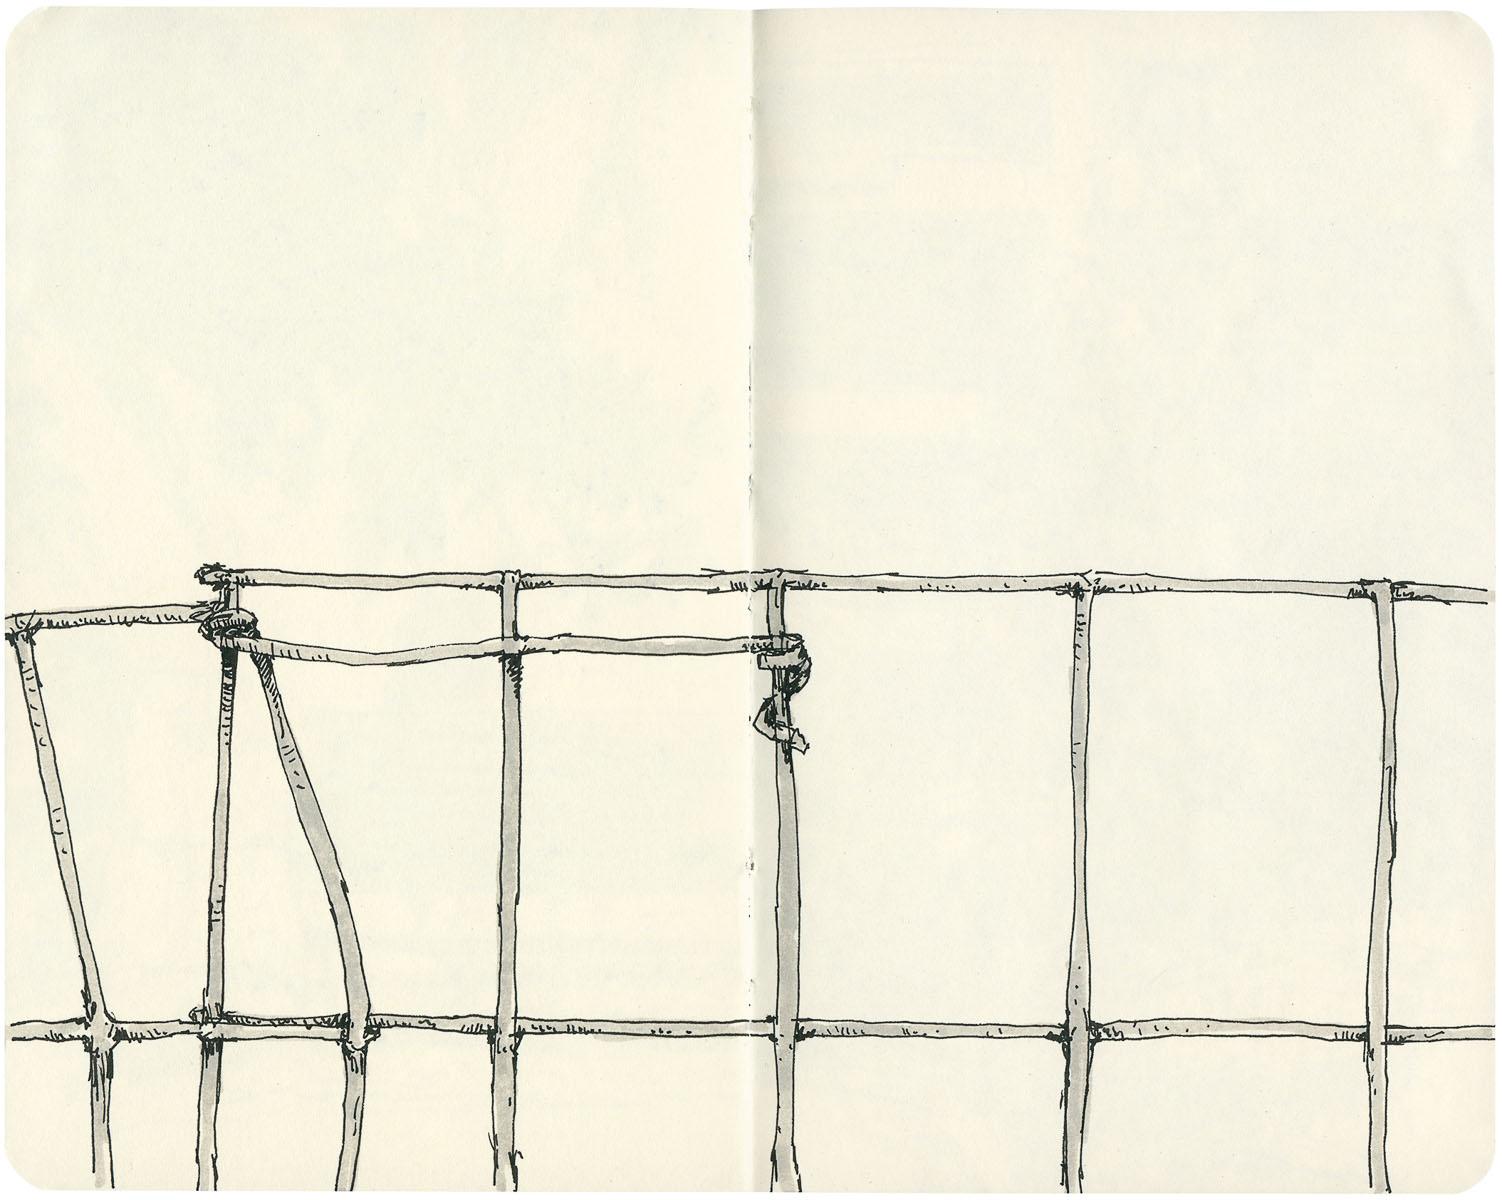 Sketchbook: Fence